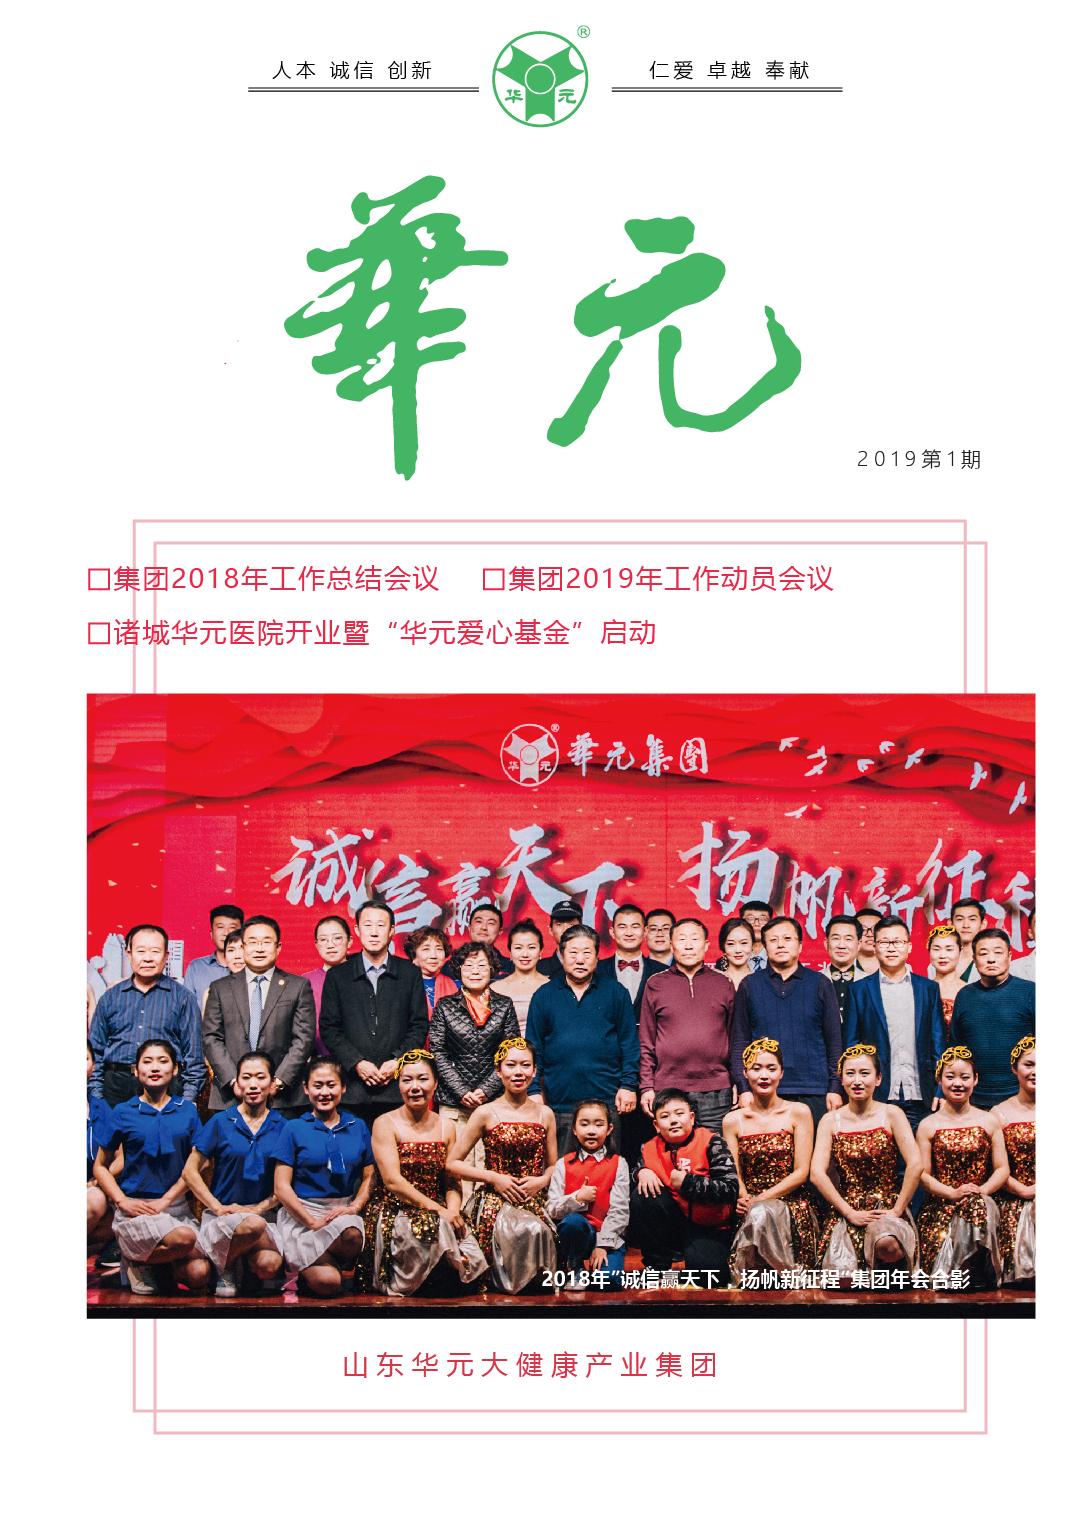 页面提取自-华元杂志201901